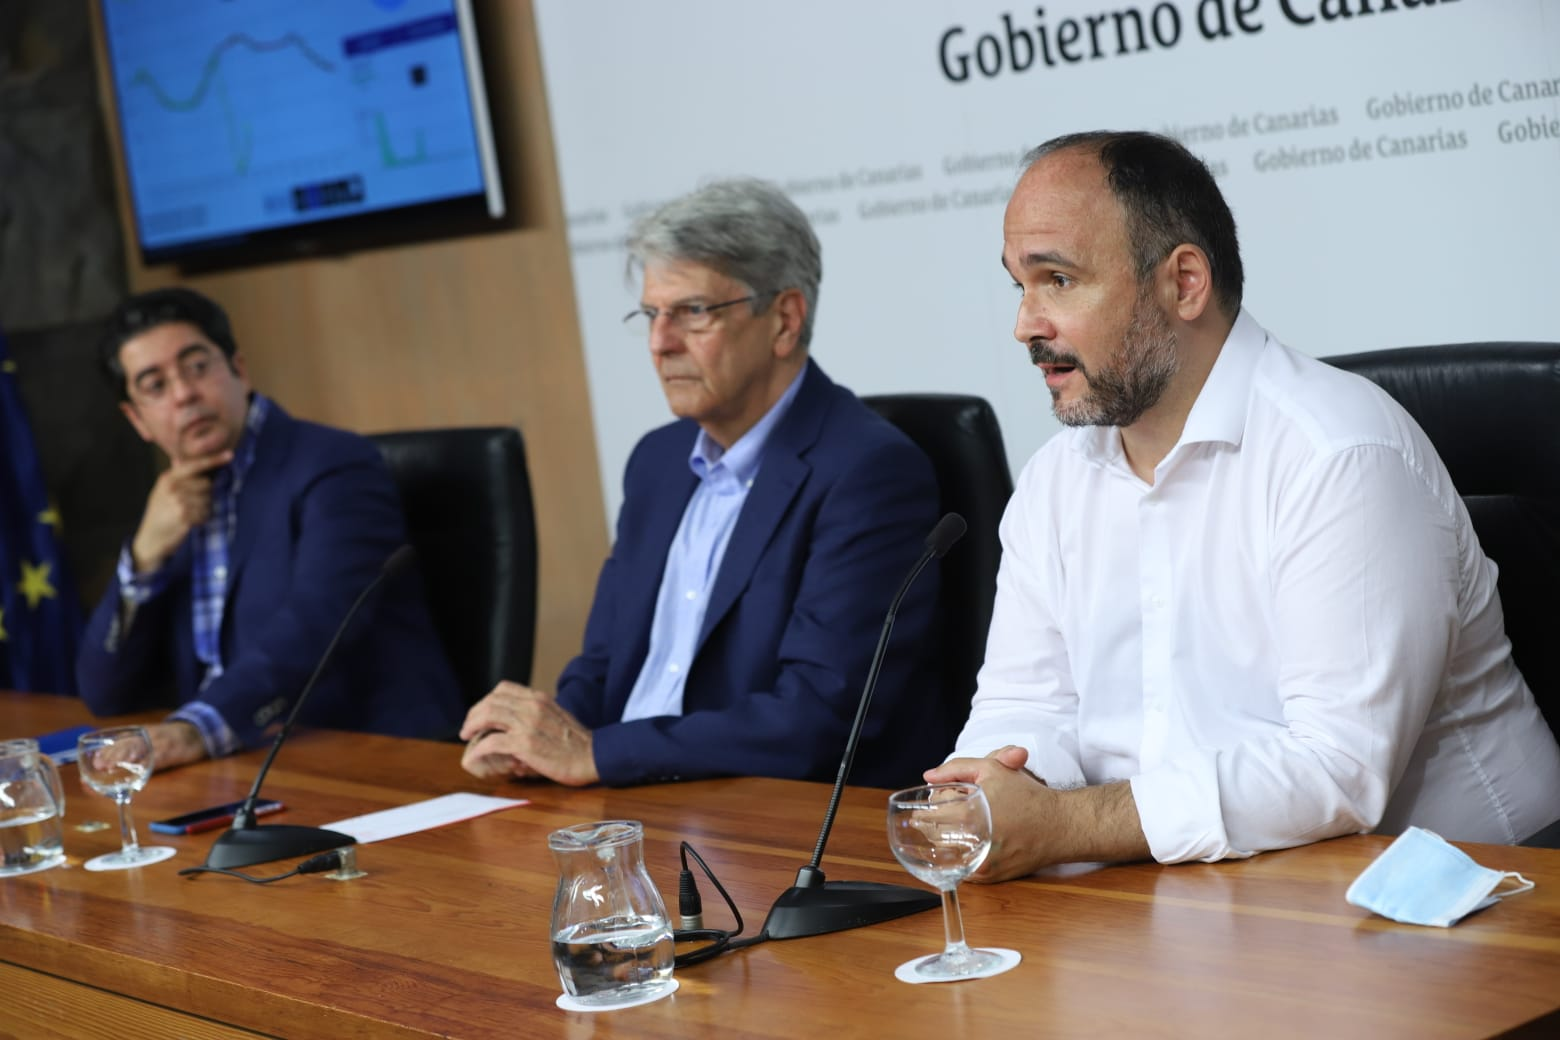 Rueda de prensa cero energético - Tenerife